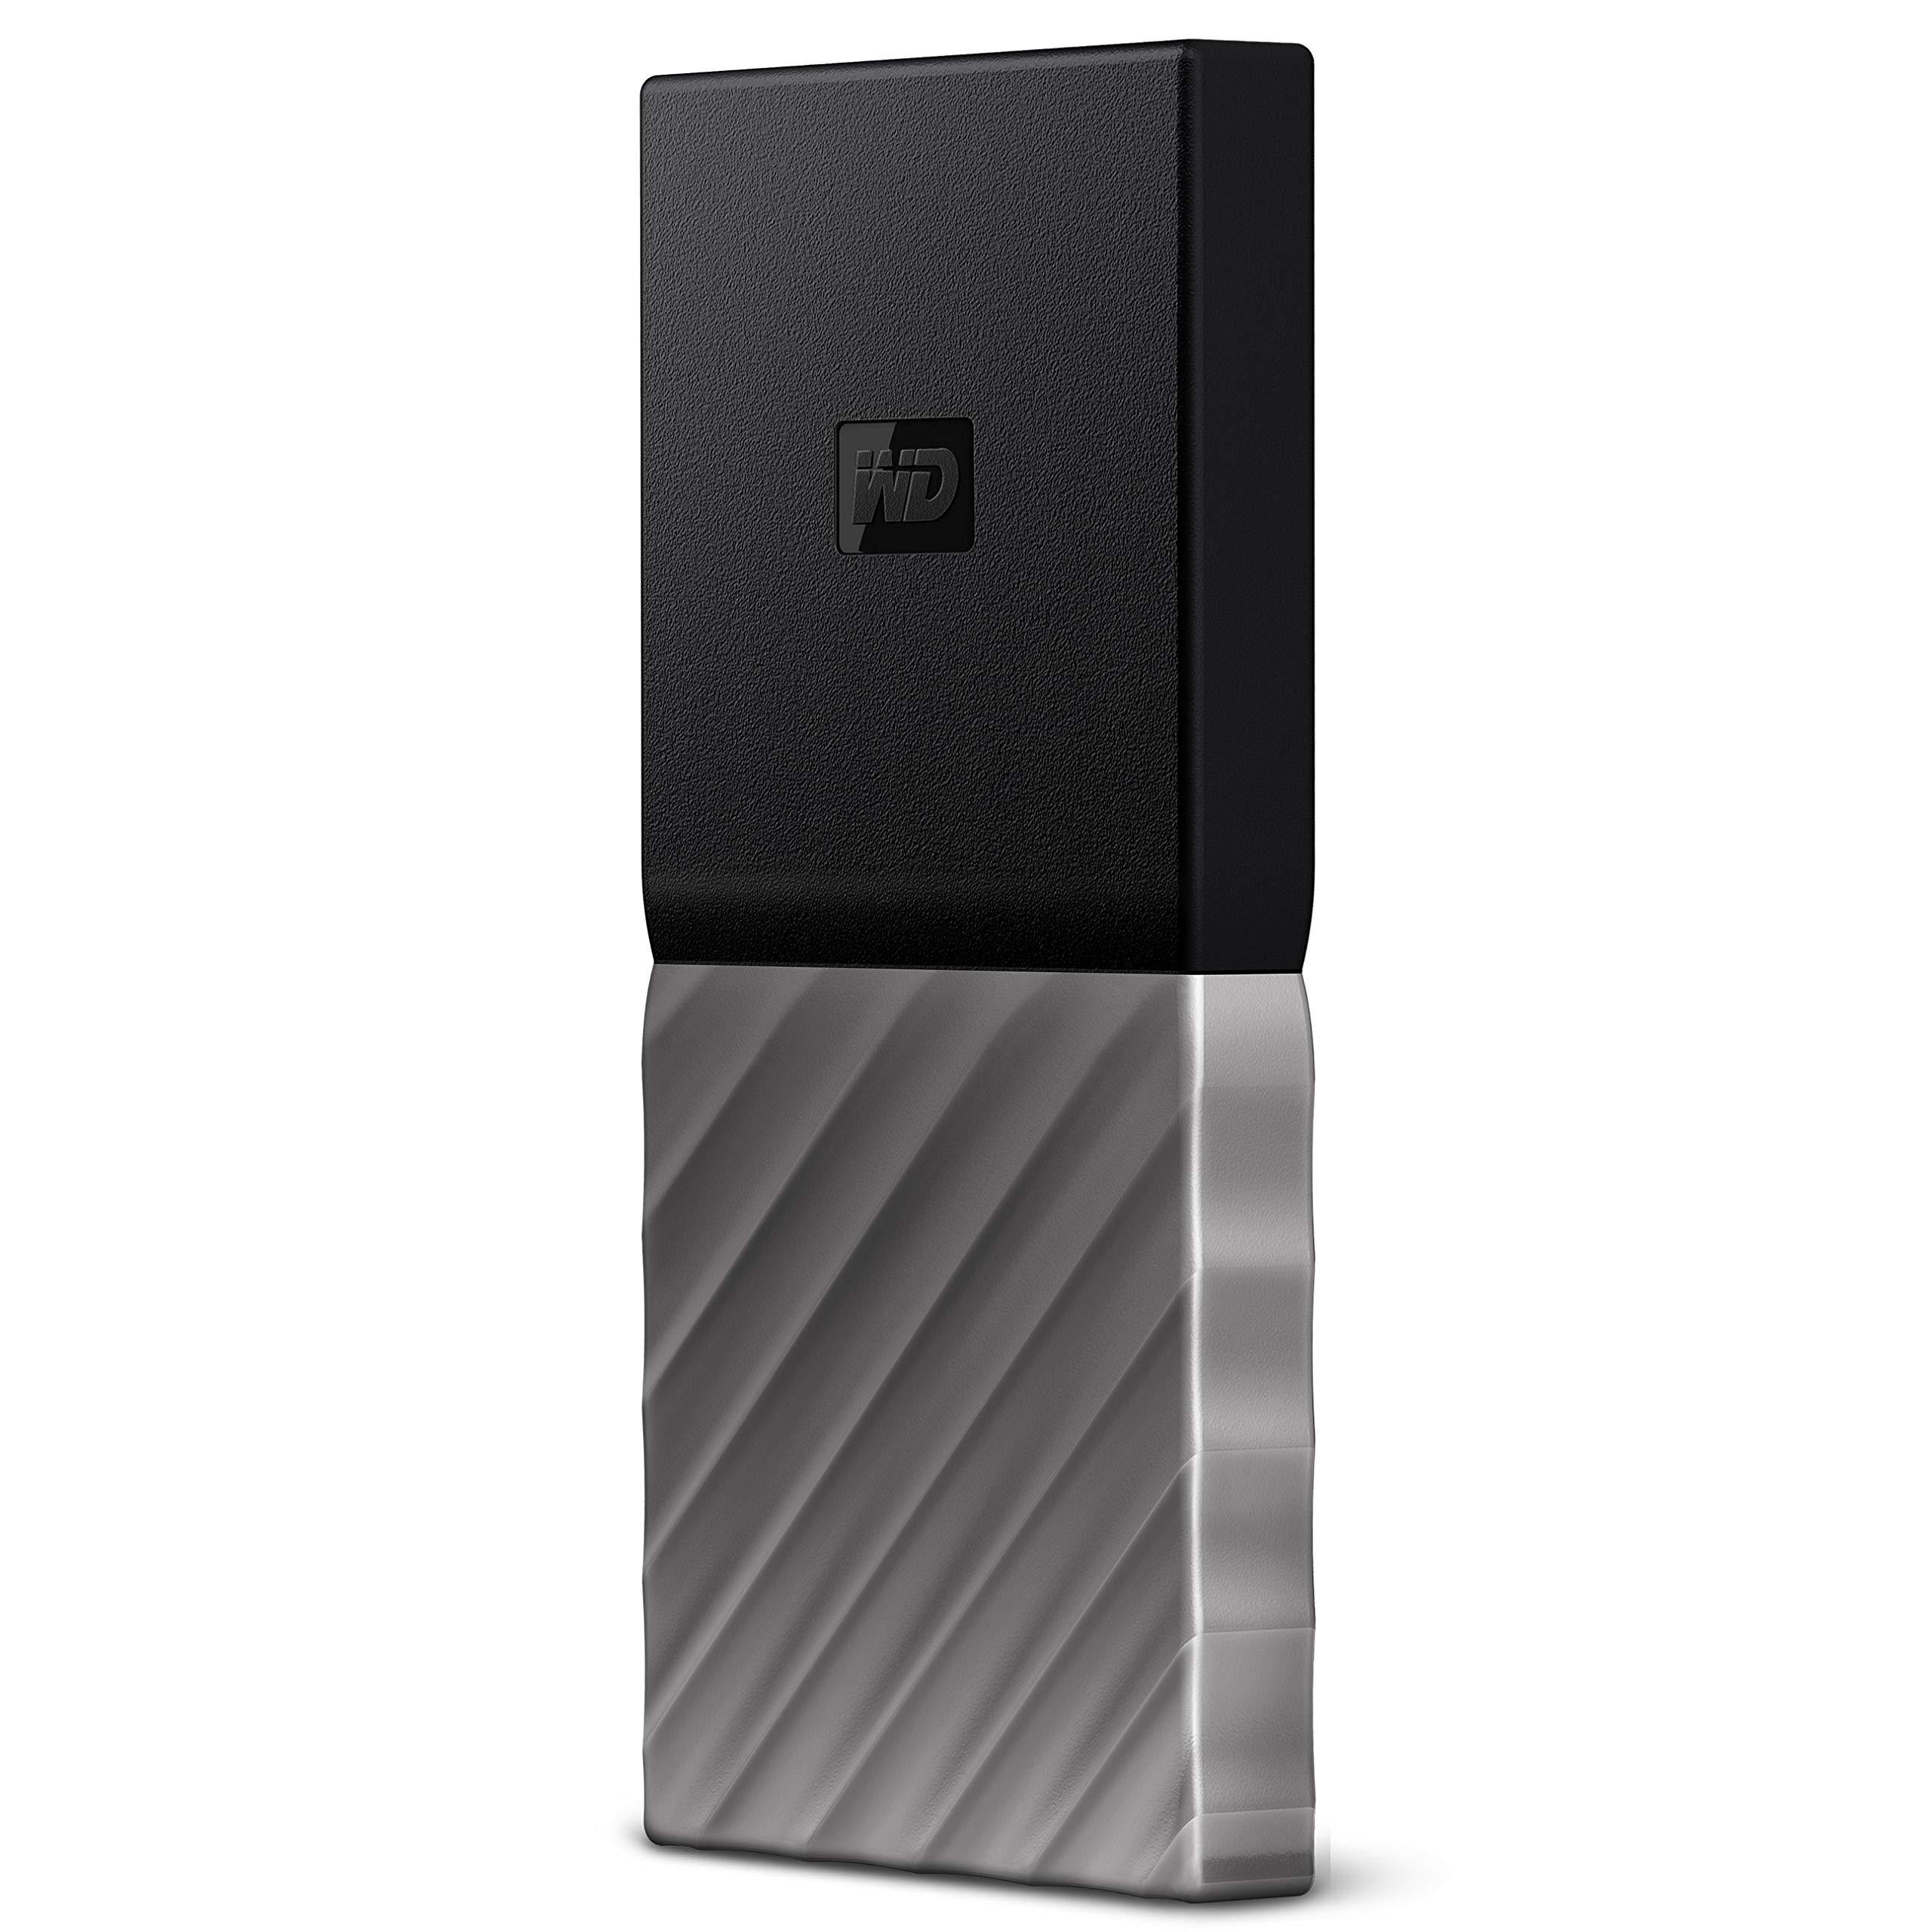 WD 2TB My Passport SSD Portable Storage - USB 3.1 - Black-Gray - WDBKVX0020PSL-WESN by Western Digital (Image #2)